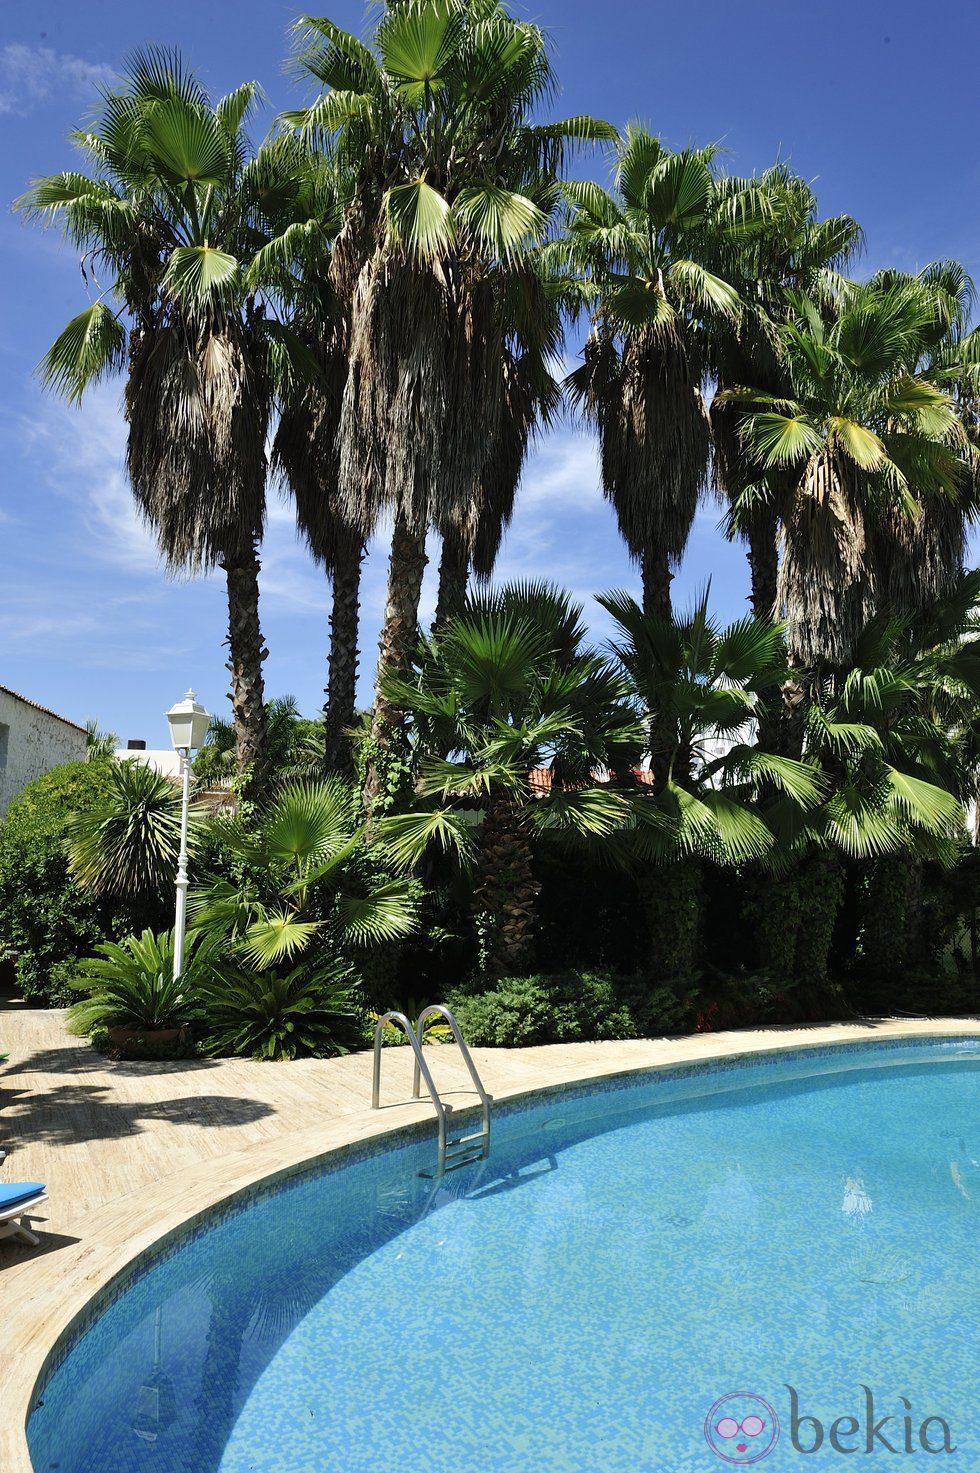 La piscina y el jard n de la casa del programa de mtv - La casa del pintor gandia ...